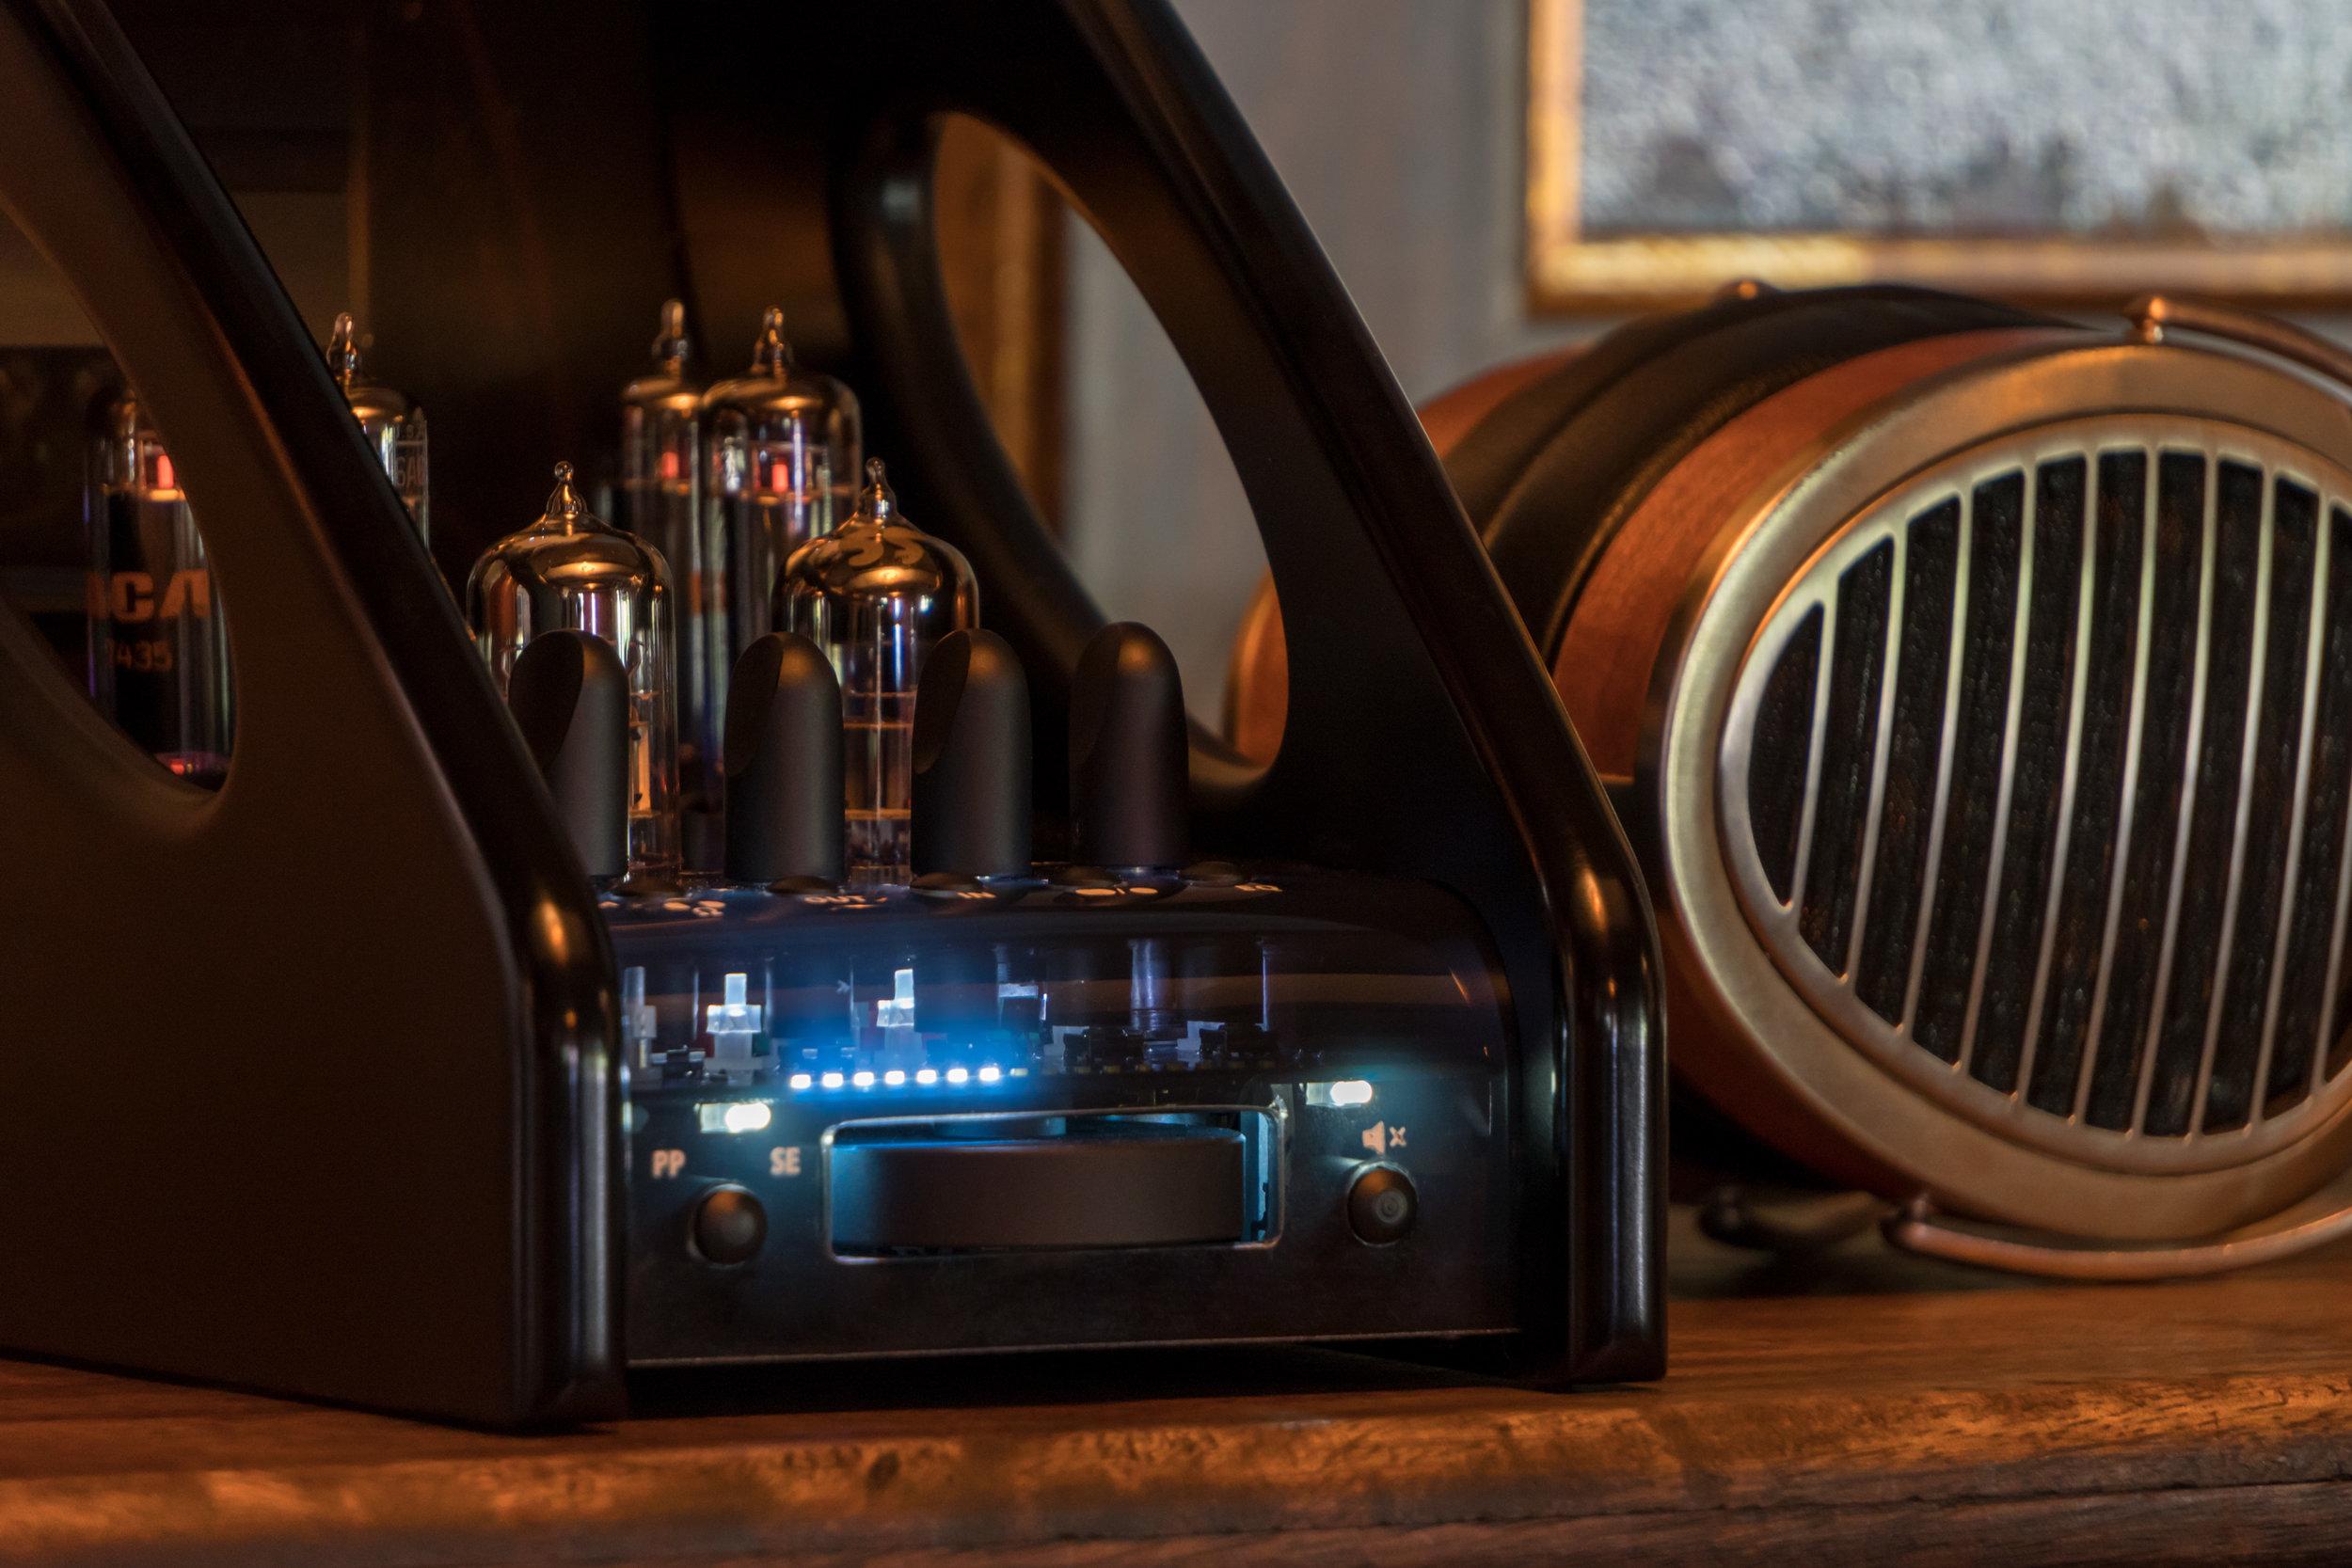 manley-absolute-headphone-2-3000px.jpg